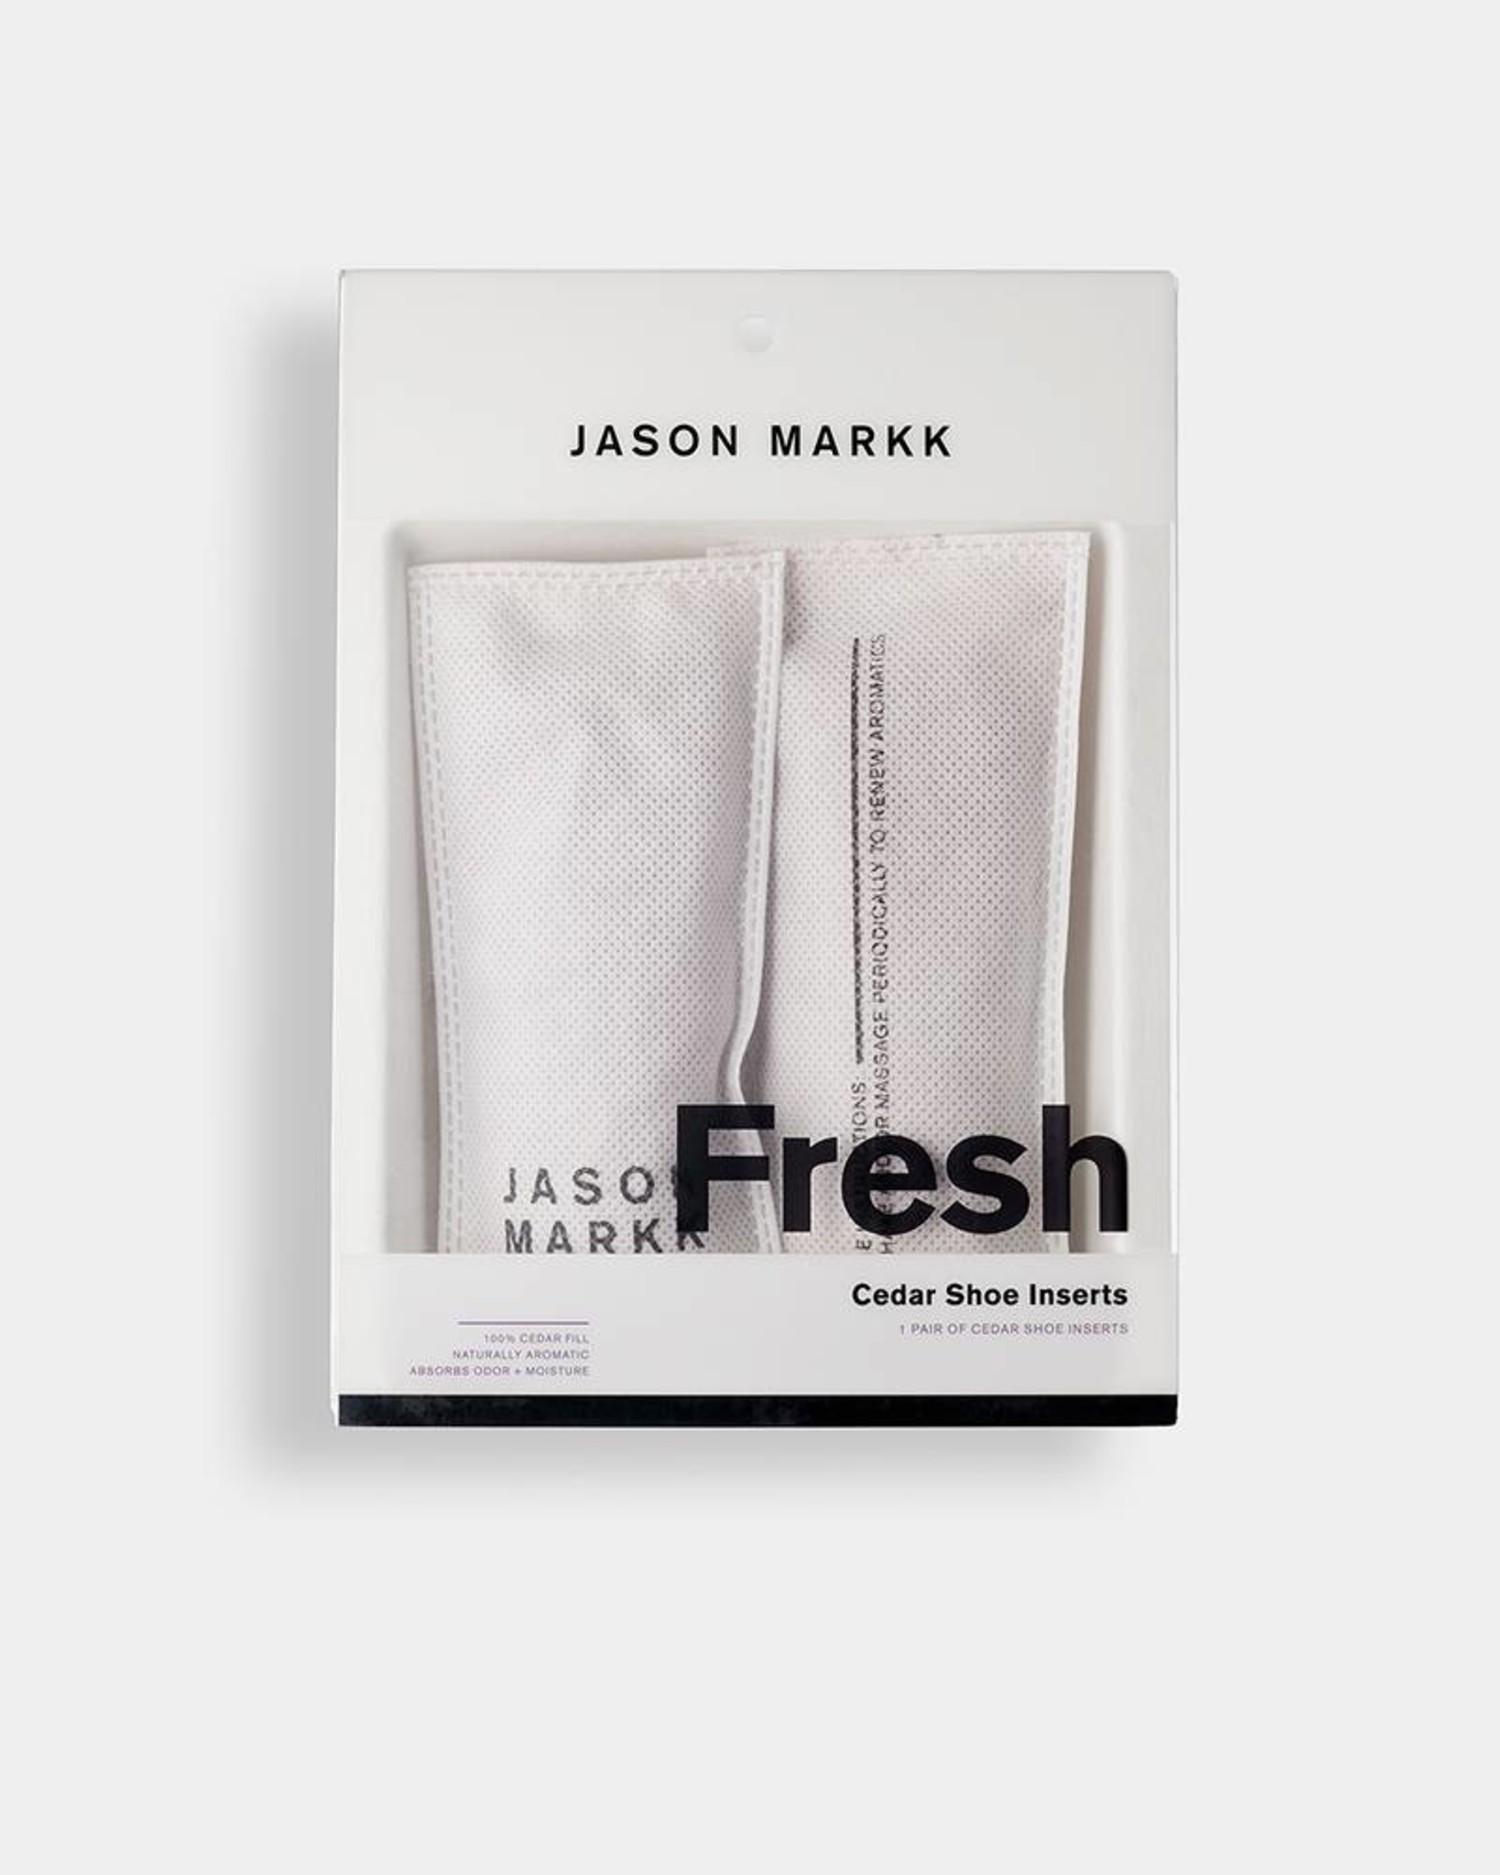 Jason Markk Ceder Hout Geur Inserts